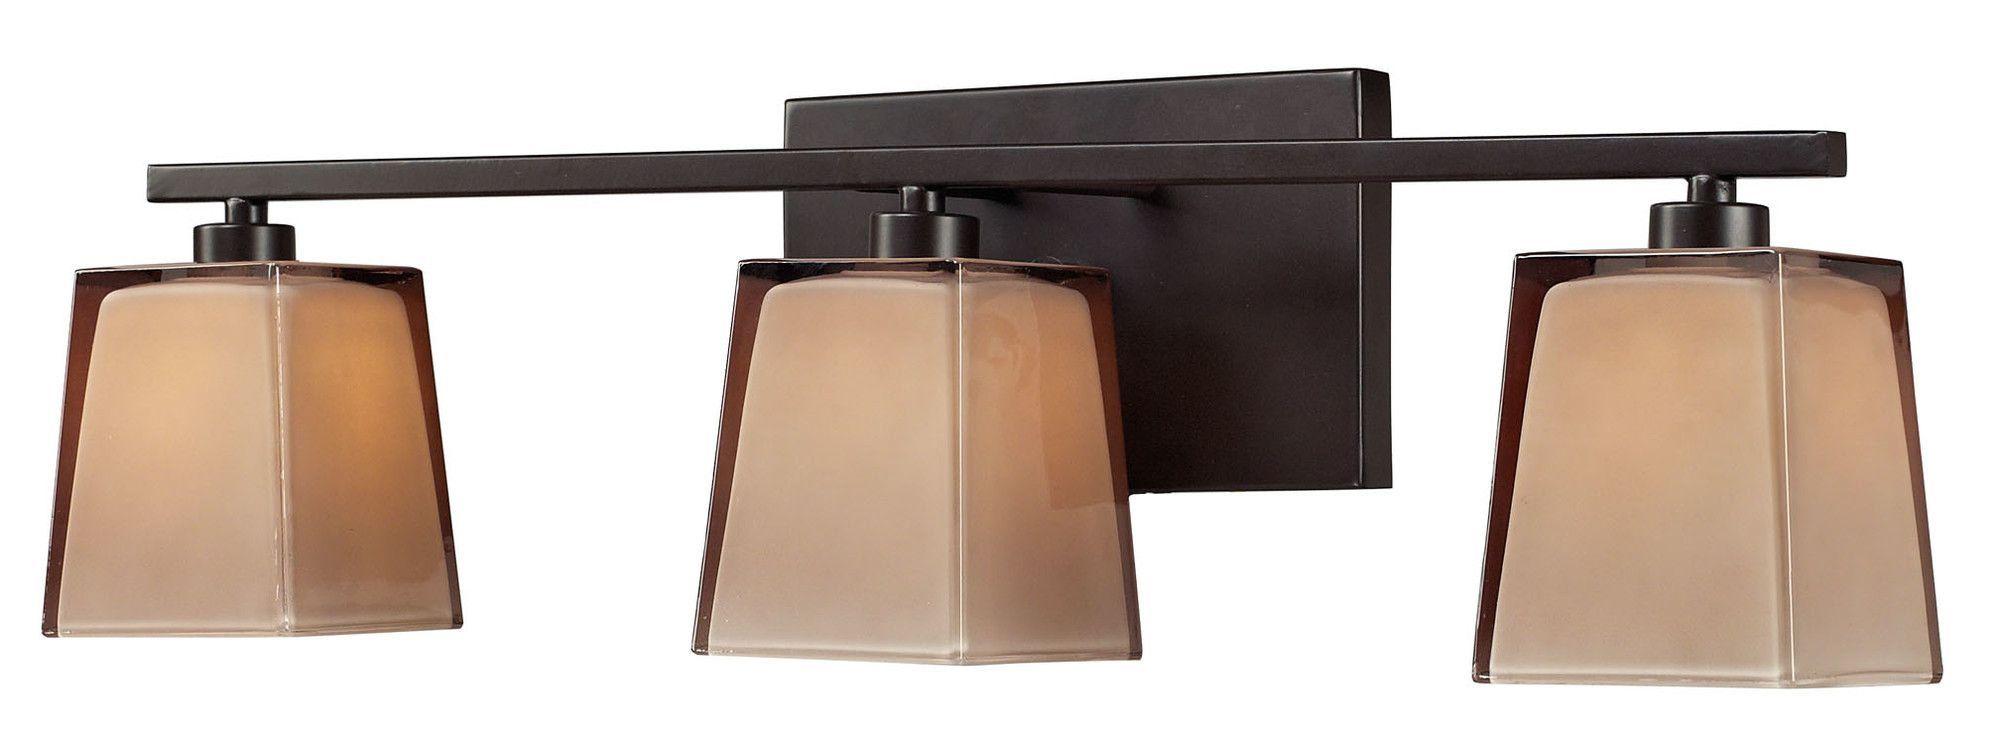 Gunnell 3 Light Vanity Light